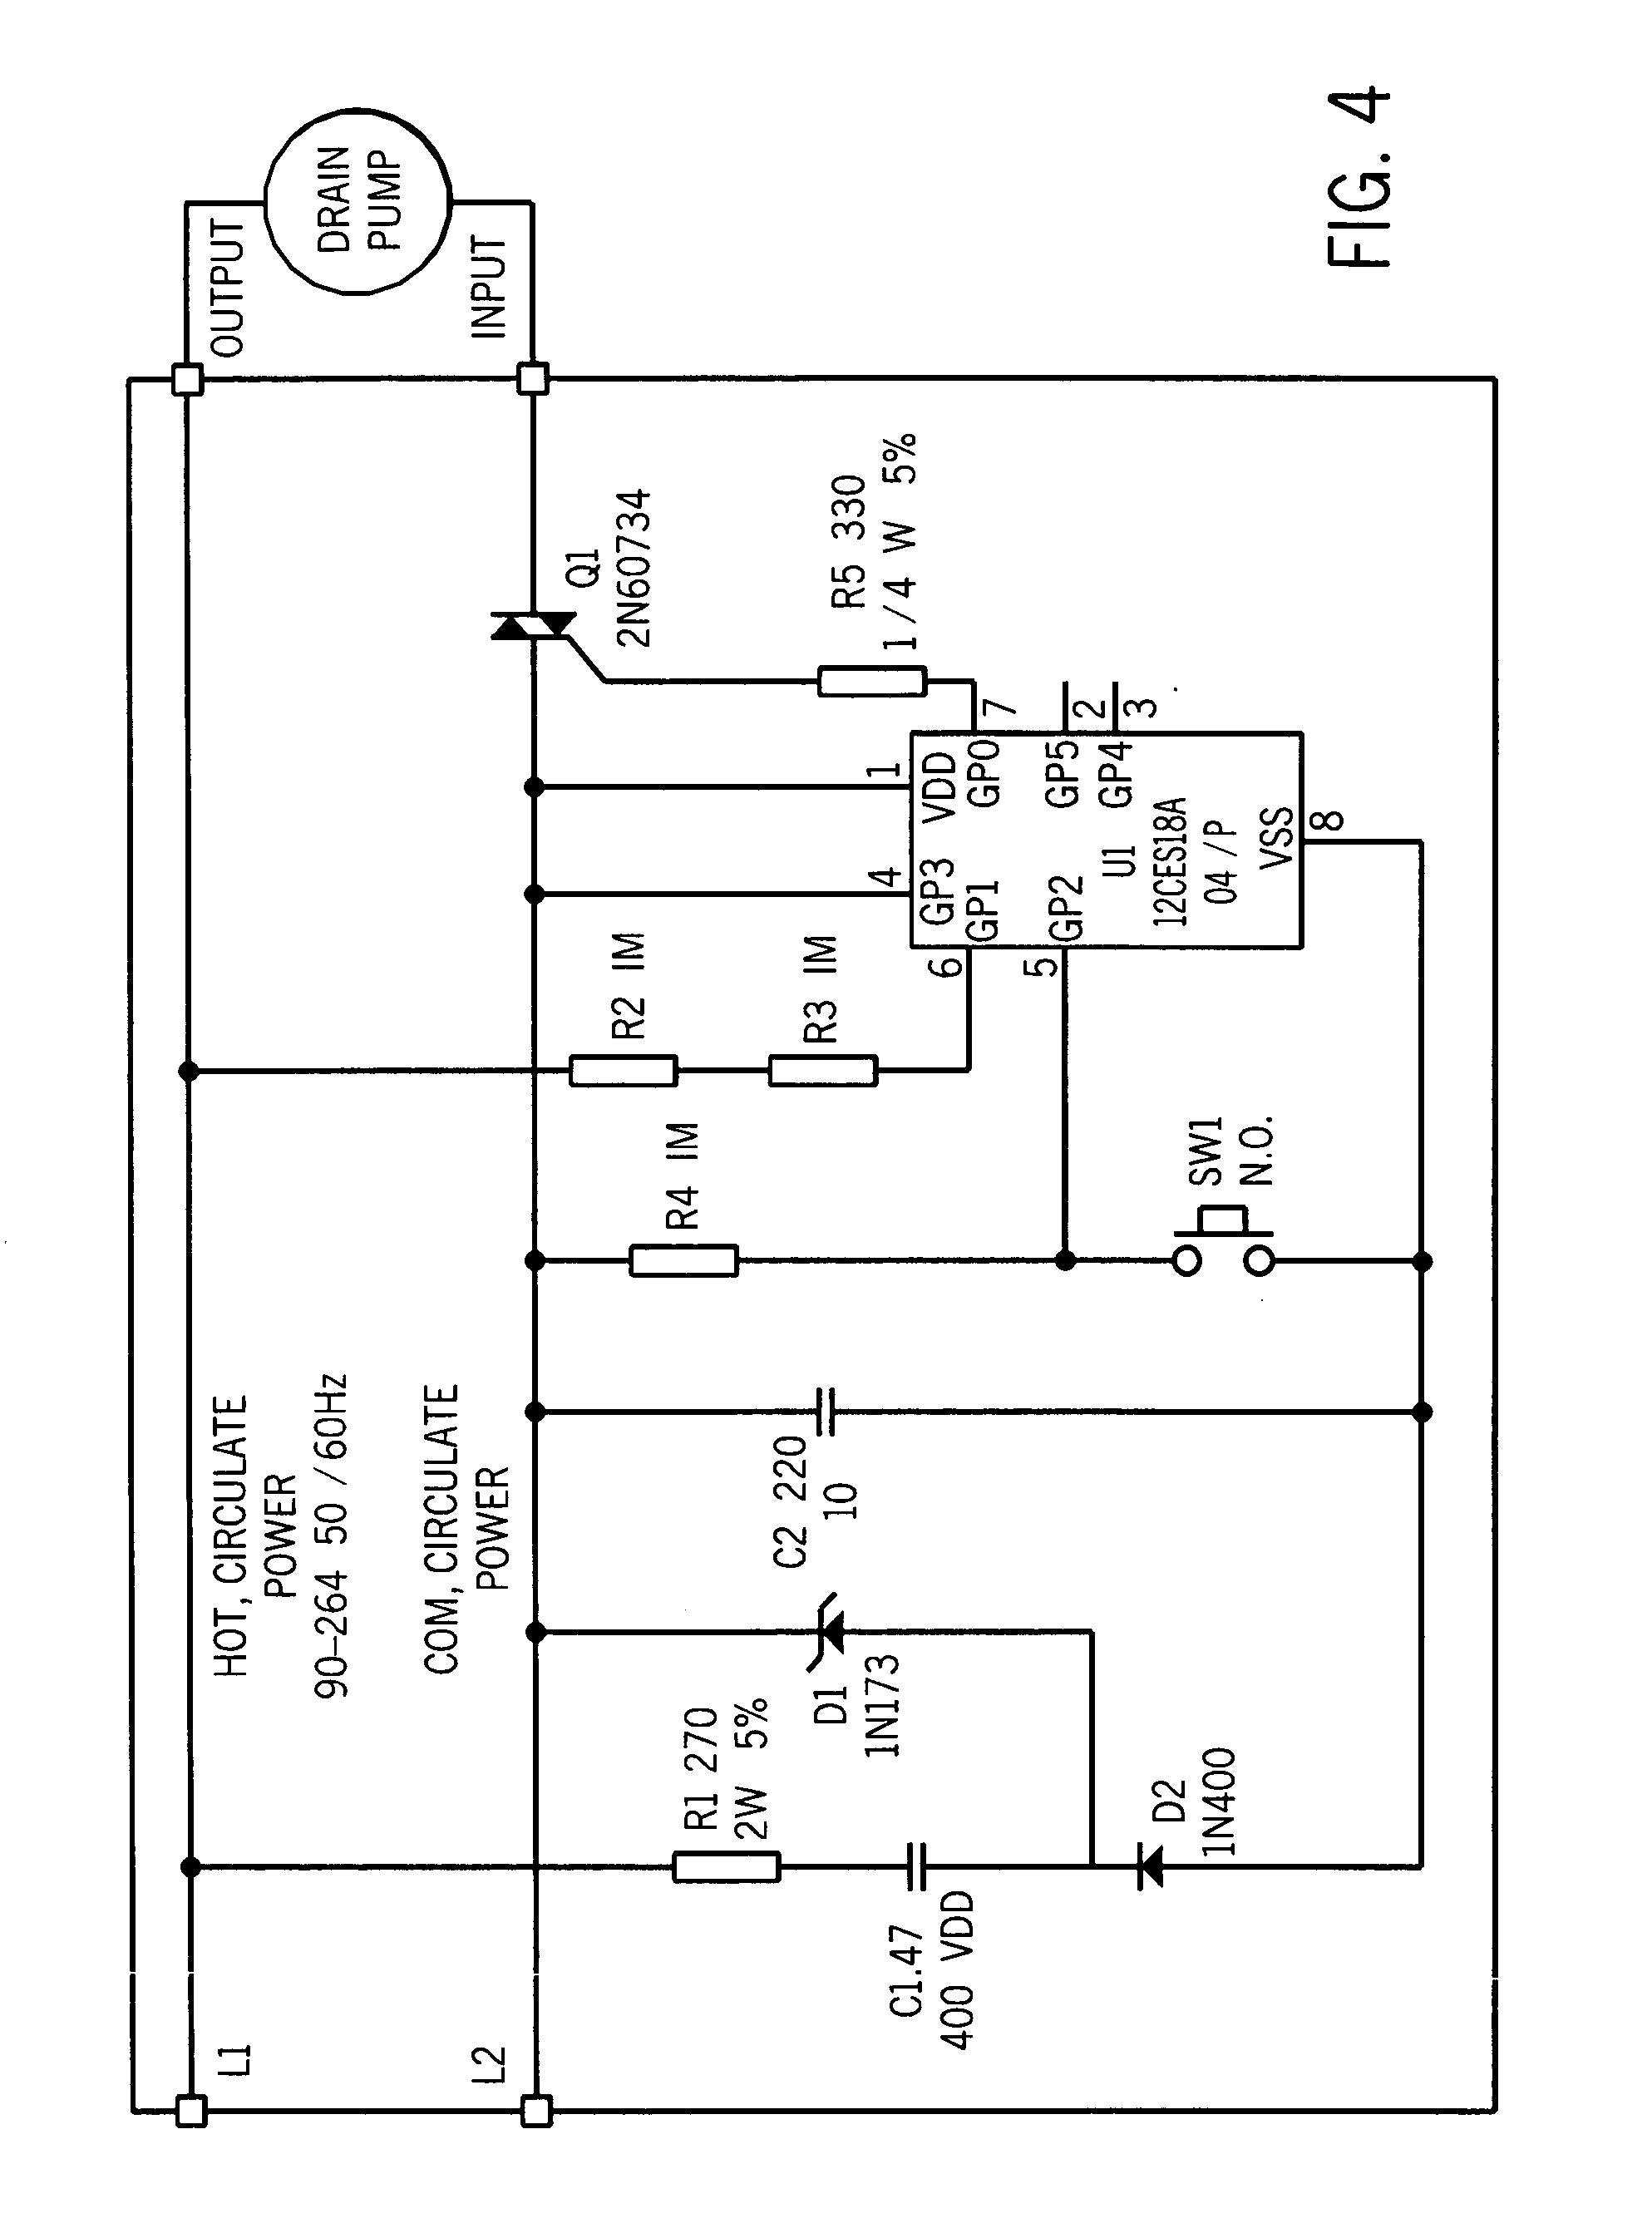 Evap Cooler Motor Wiring